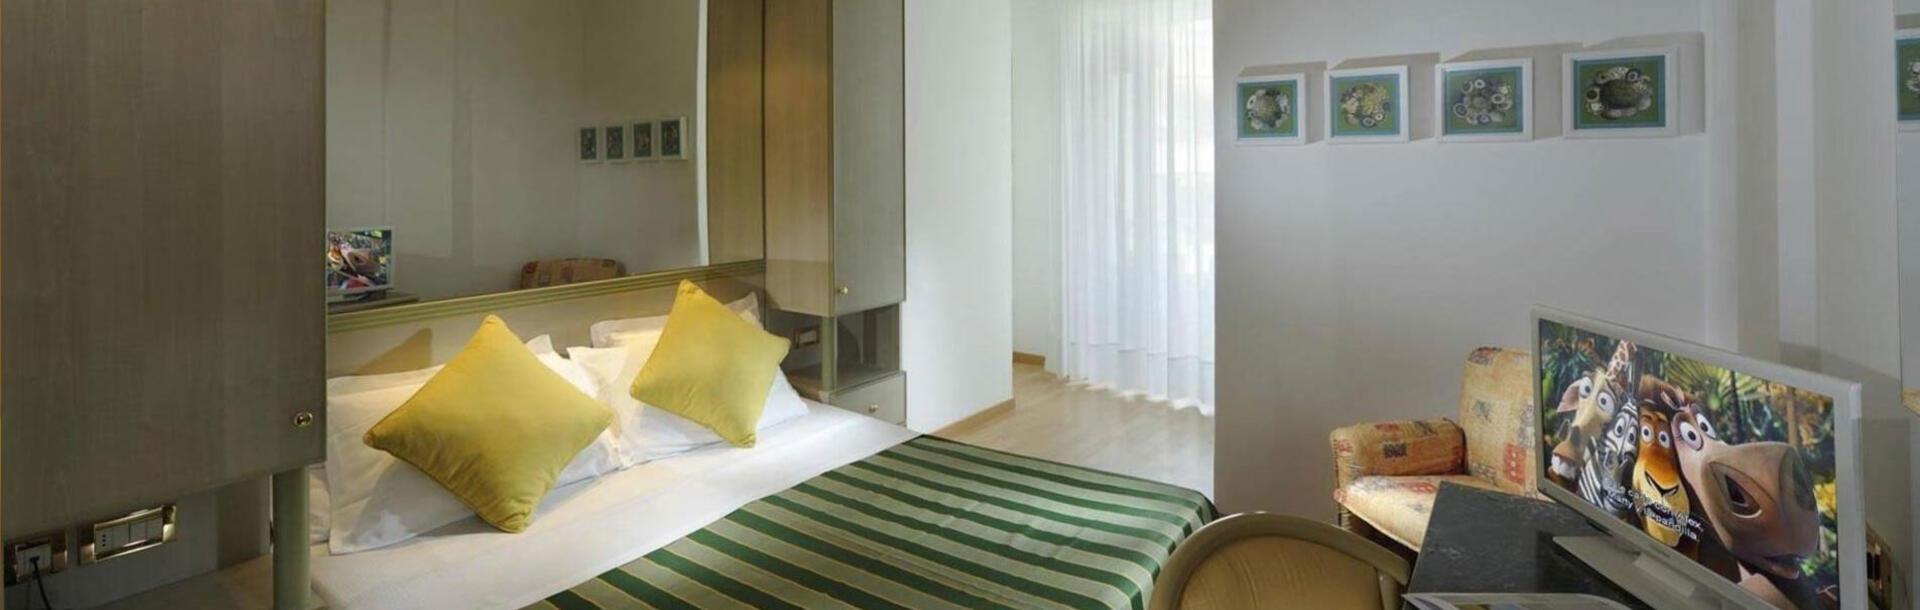 hotel-montecarlo de zimmer-standard 013